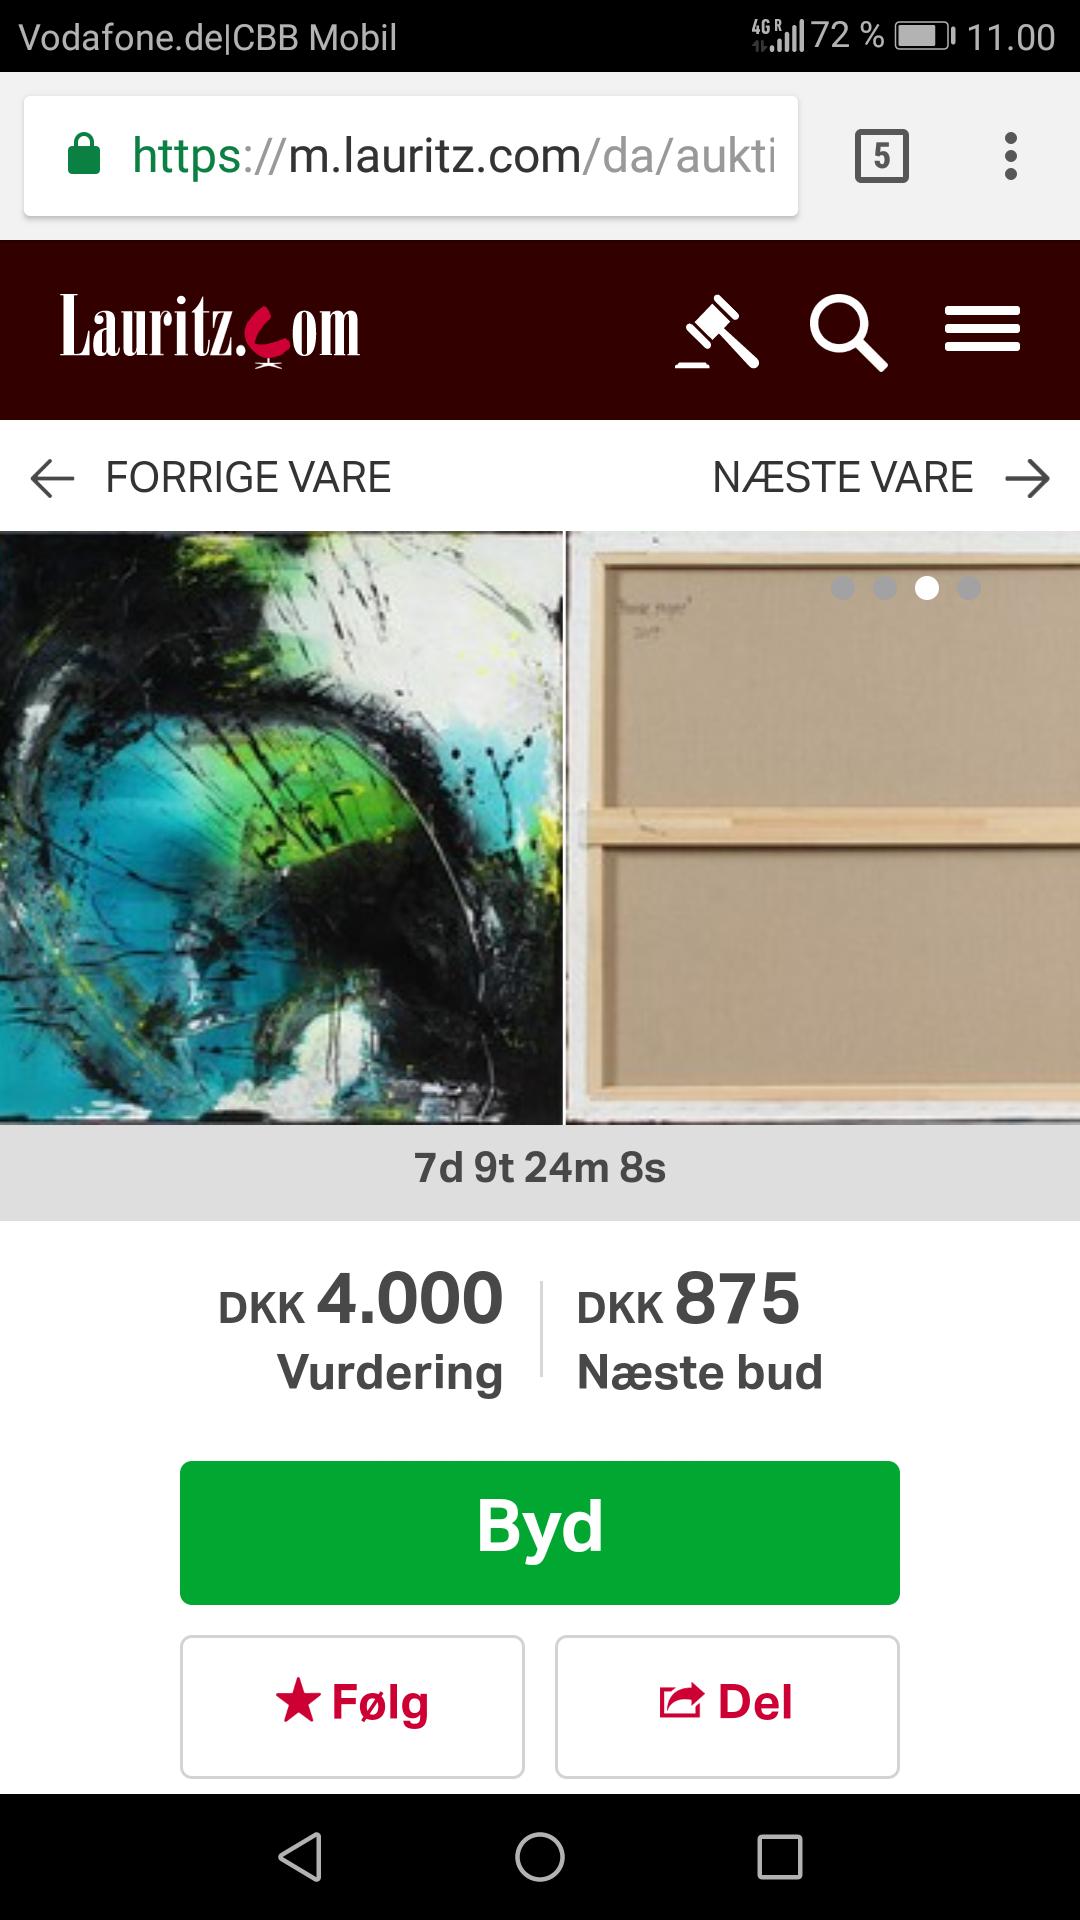 Auktionen